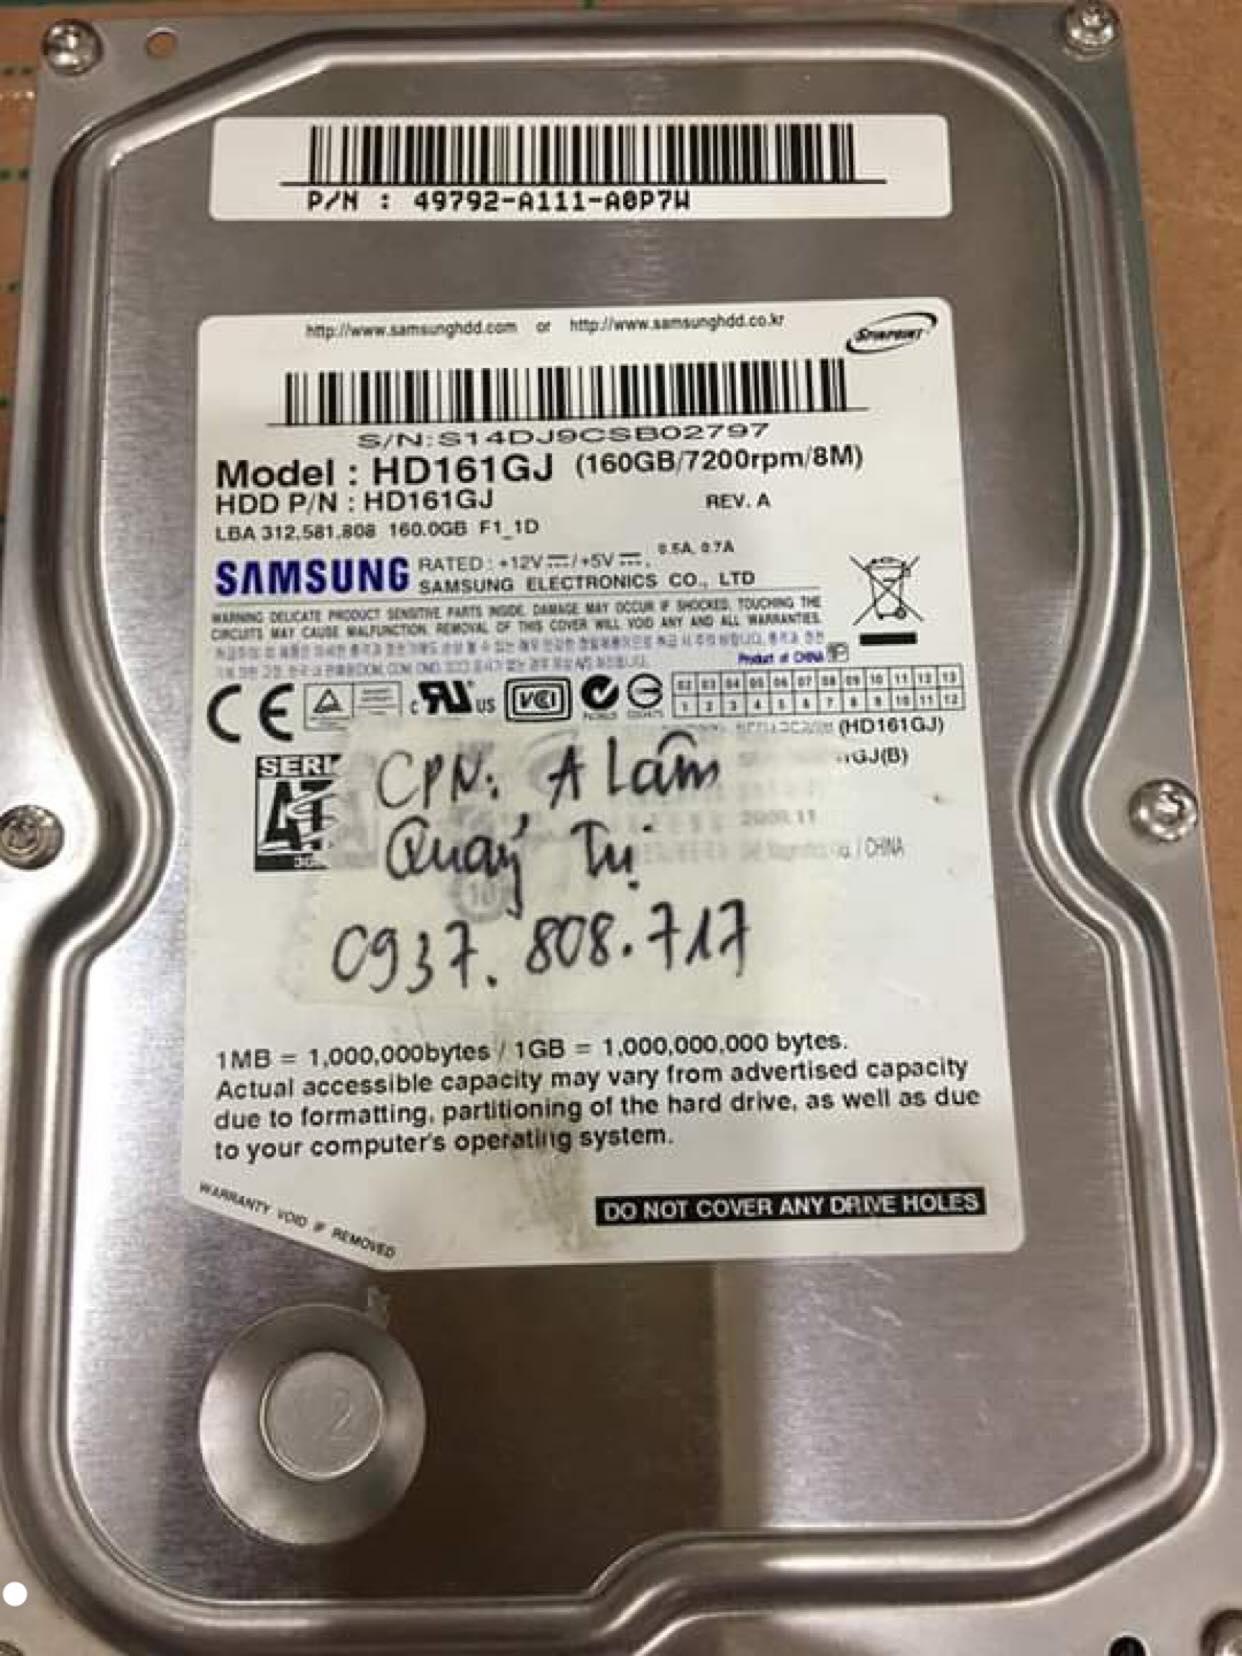 Lấy dữ liệu ổ cứng Samsung 160GB không nhận tại Quảng Trị 07/10/2019 - cuumaytinh